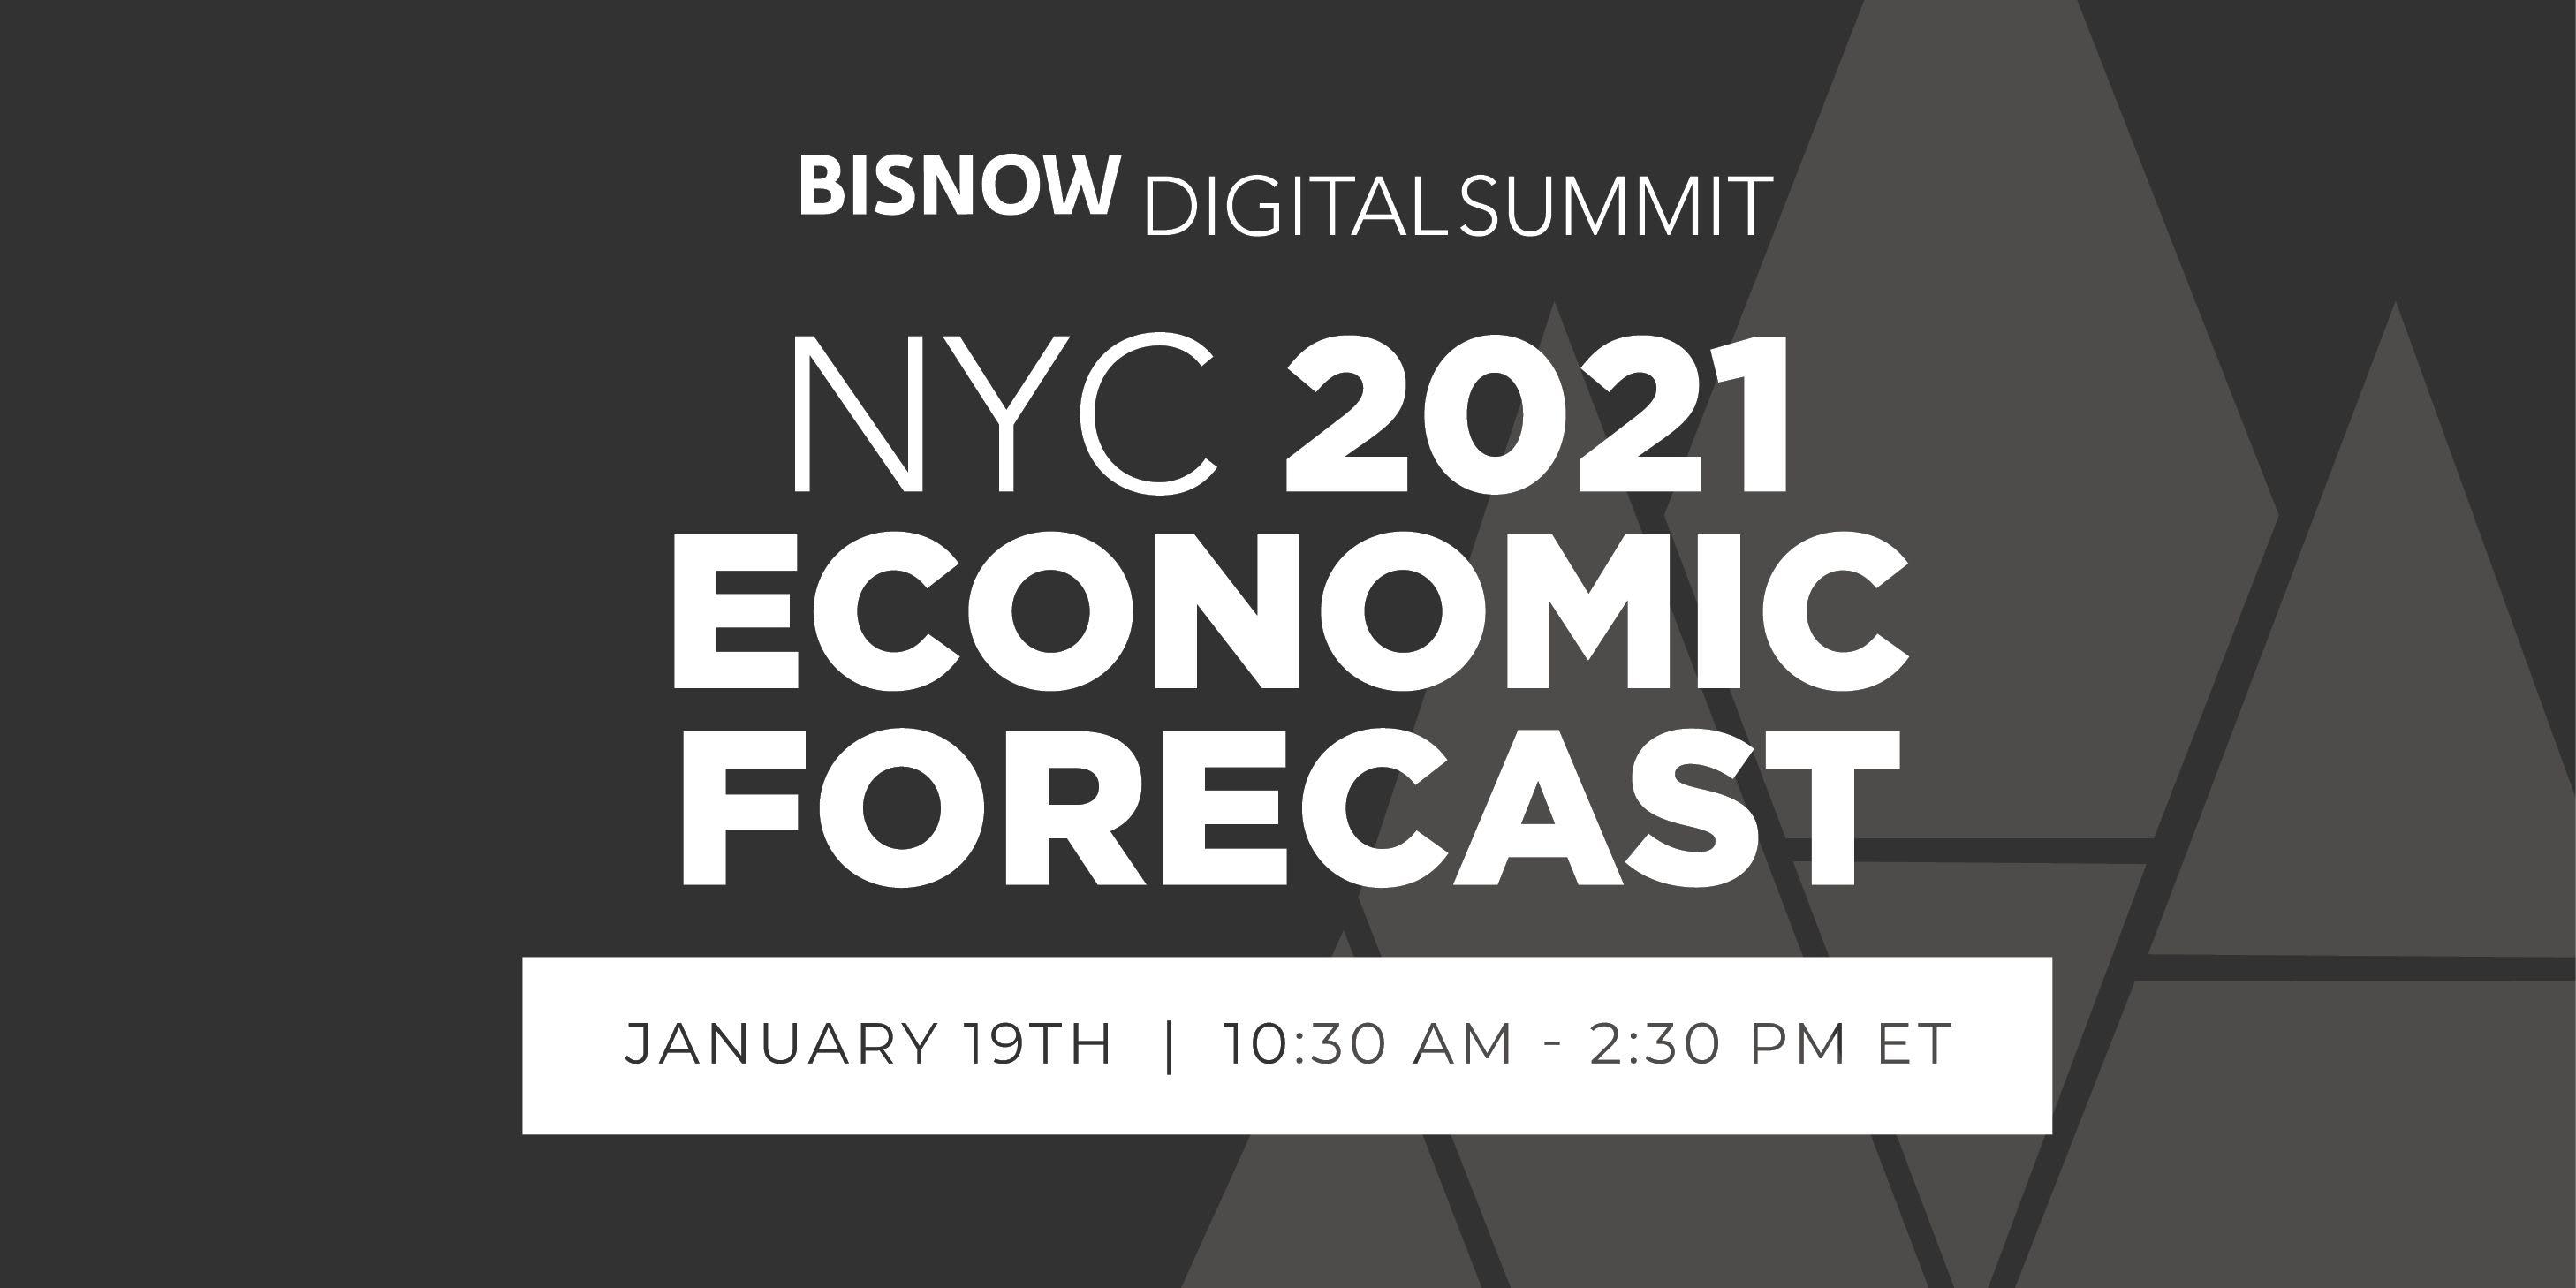 NYC 2021 Economic Forecast